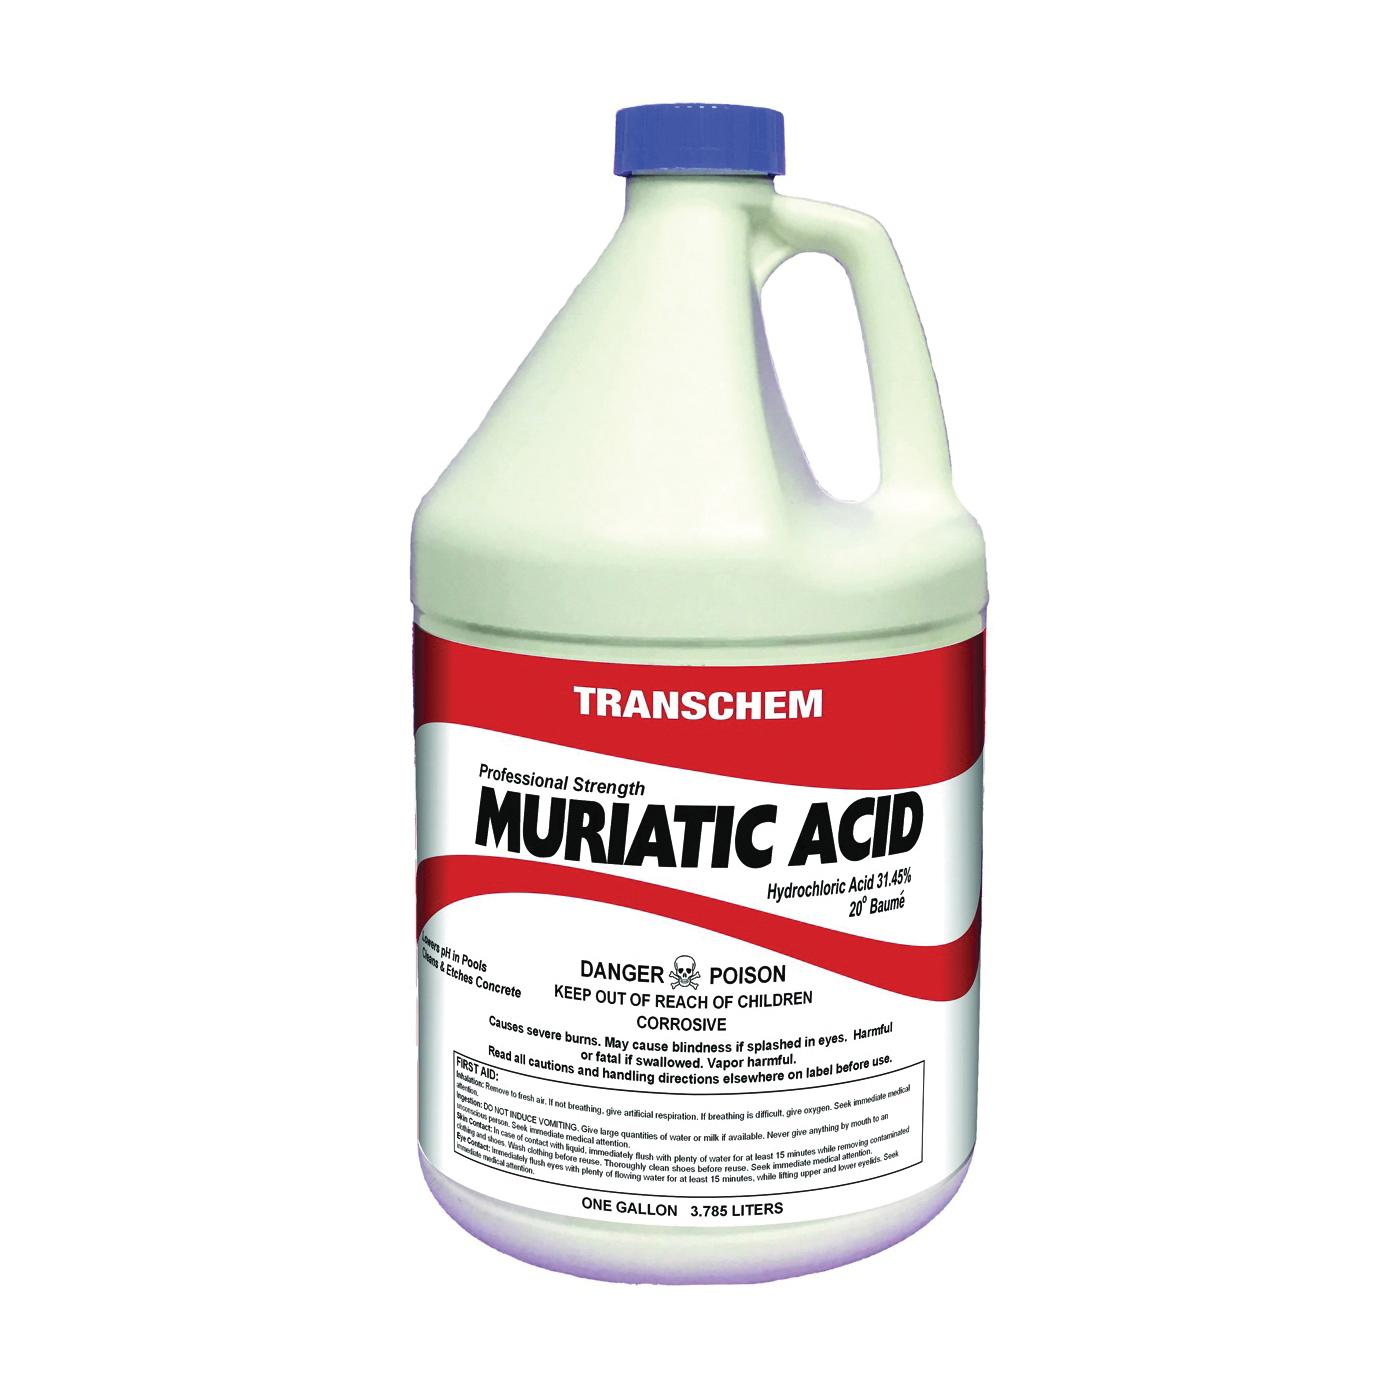 SUNBELT CHEMICALS MA1